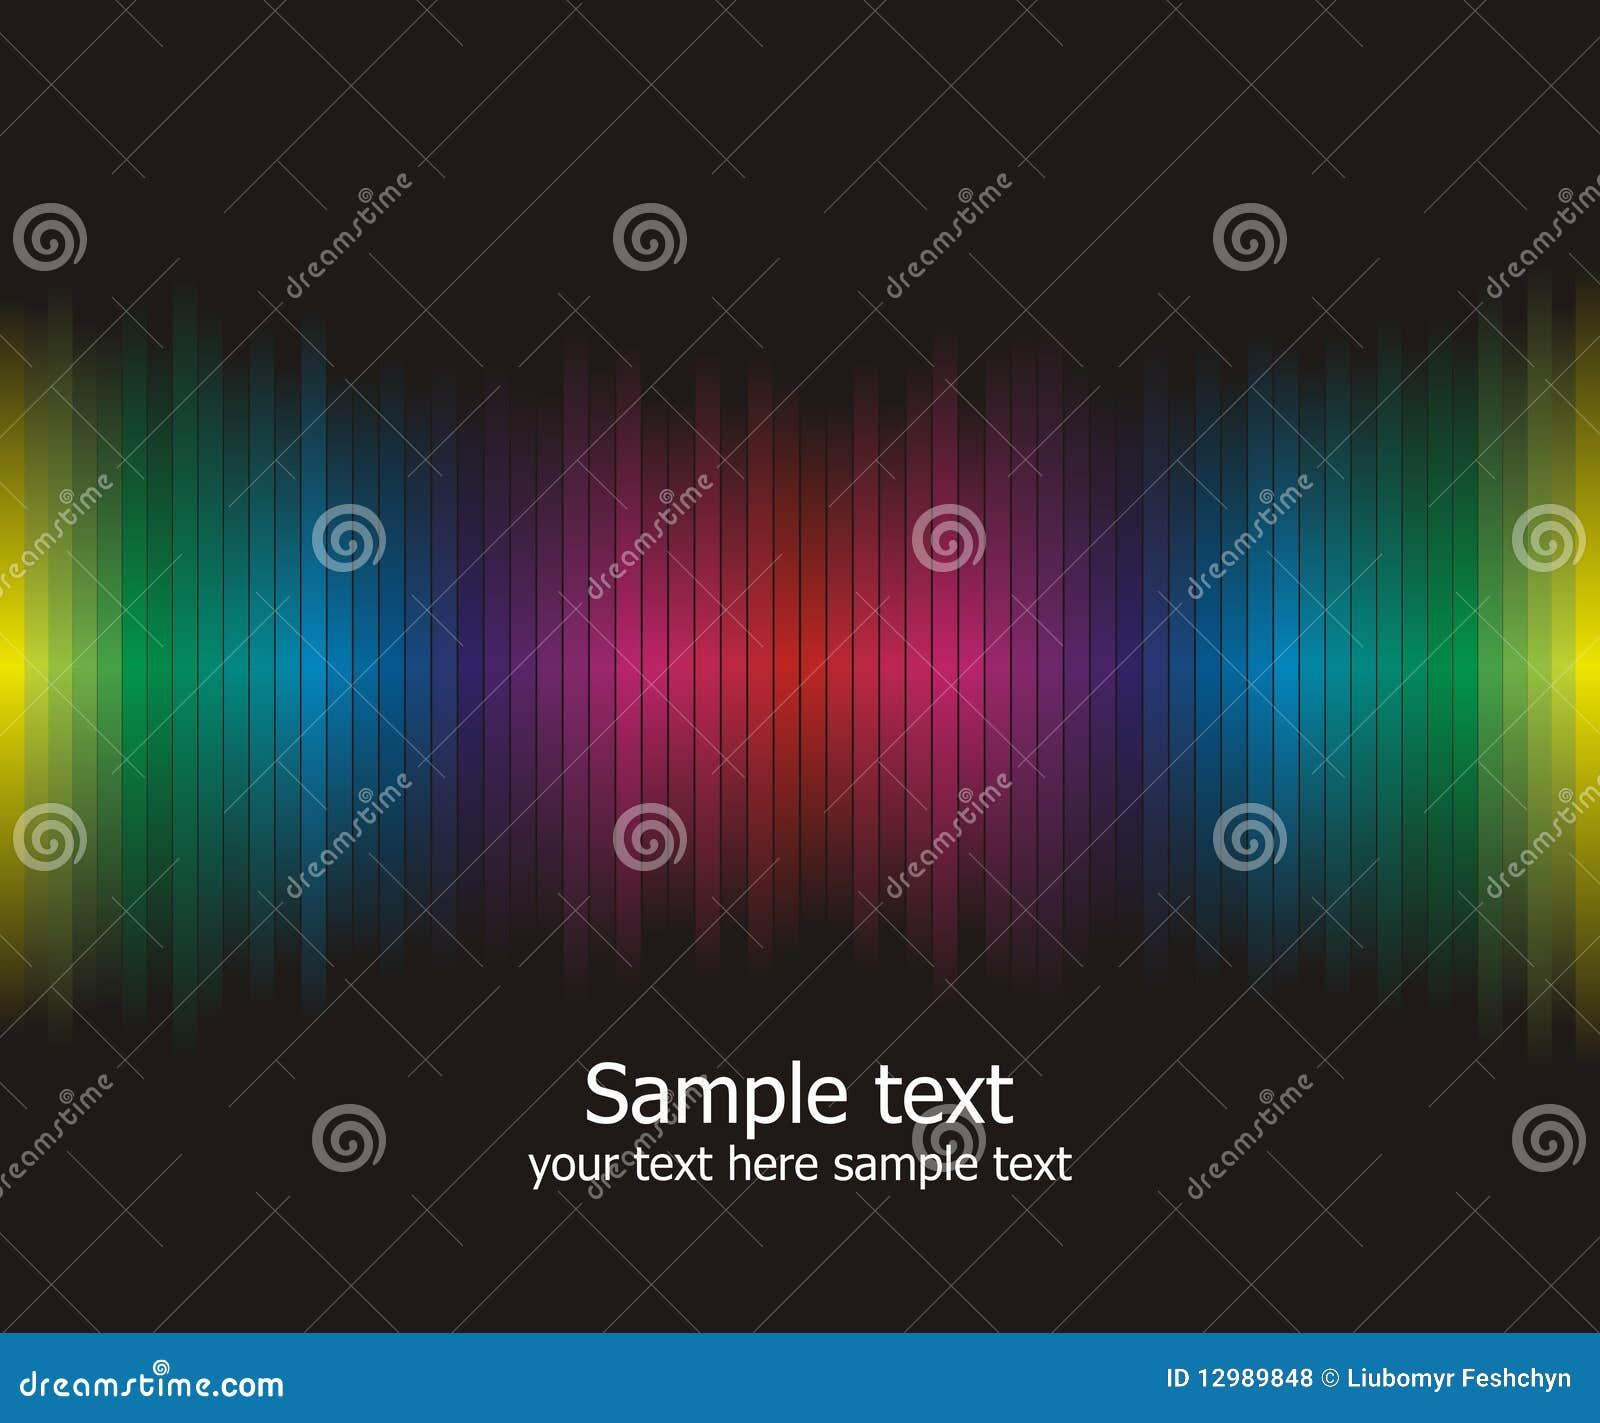 Fantastisch Regenbogen Färbung Bilder Galerie - Beispiel Business ...